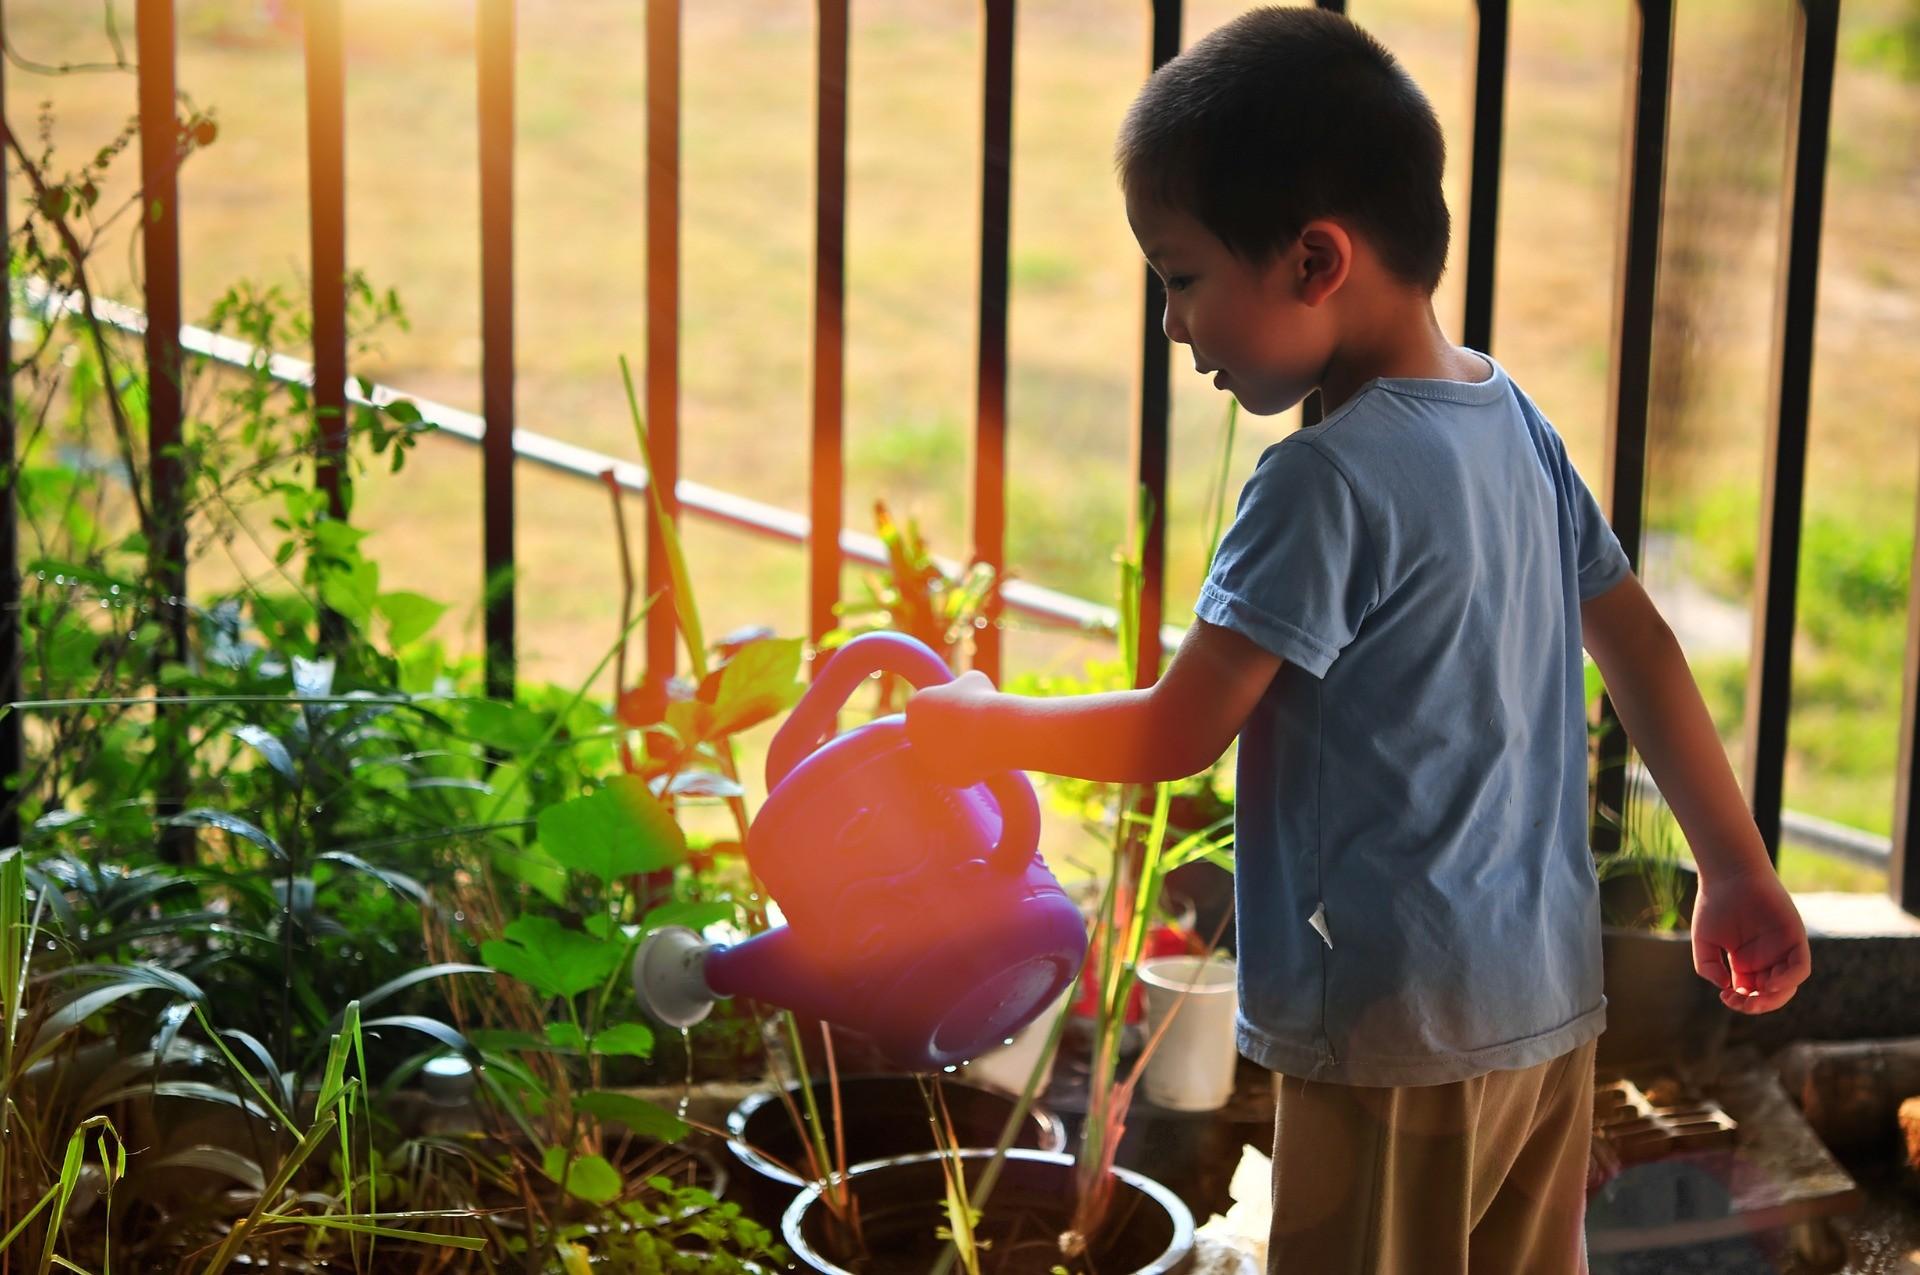 Compostar reduz o impacto do lixo e ensina às crianças sobre o ciclo da terra (Foto: Pixabay)